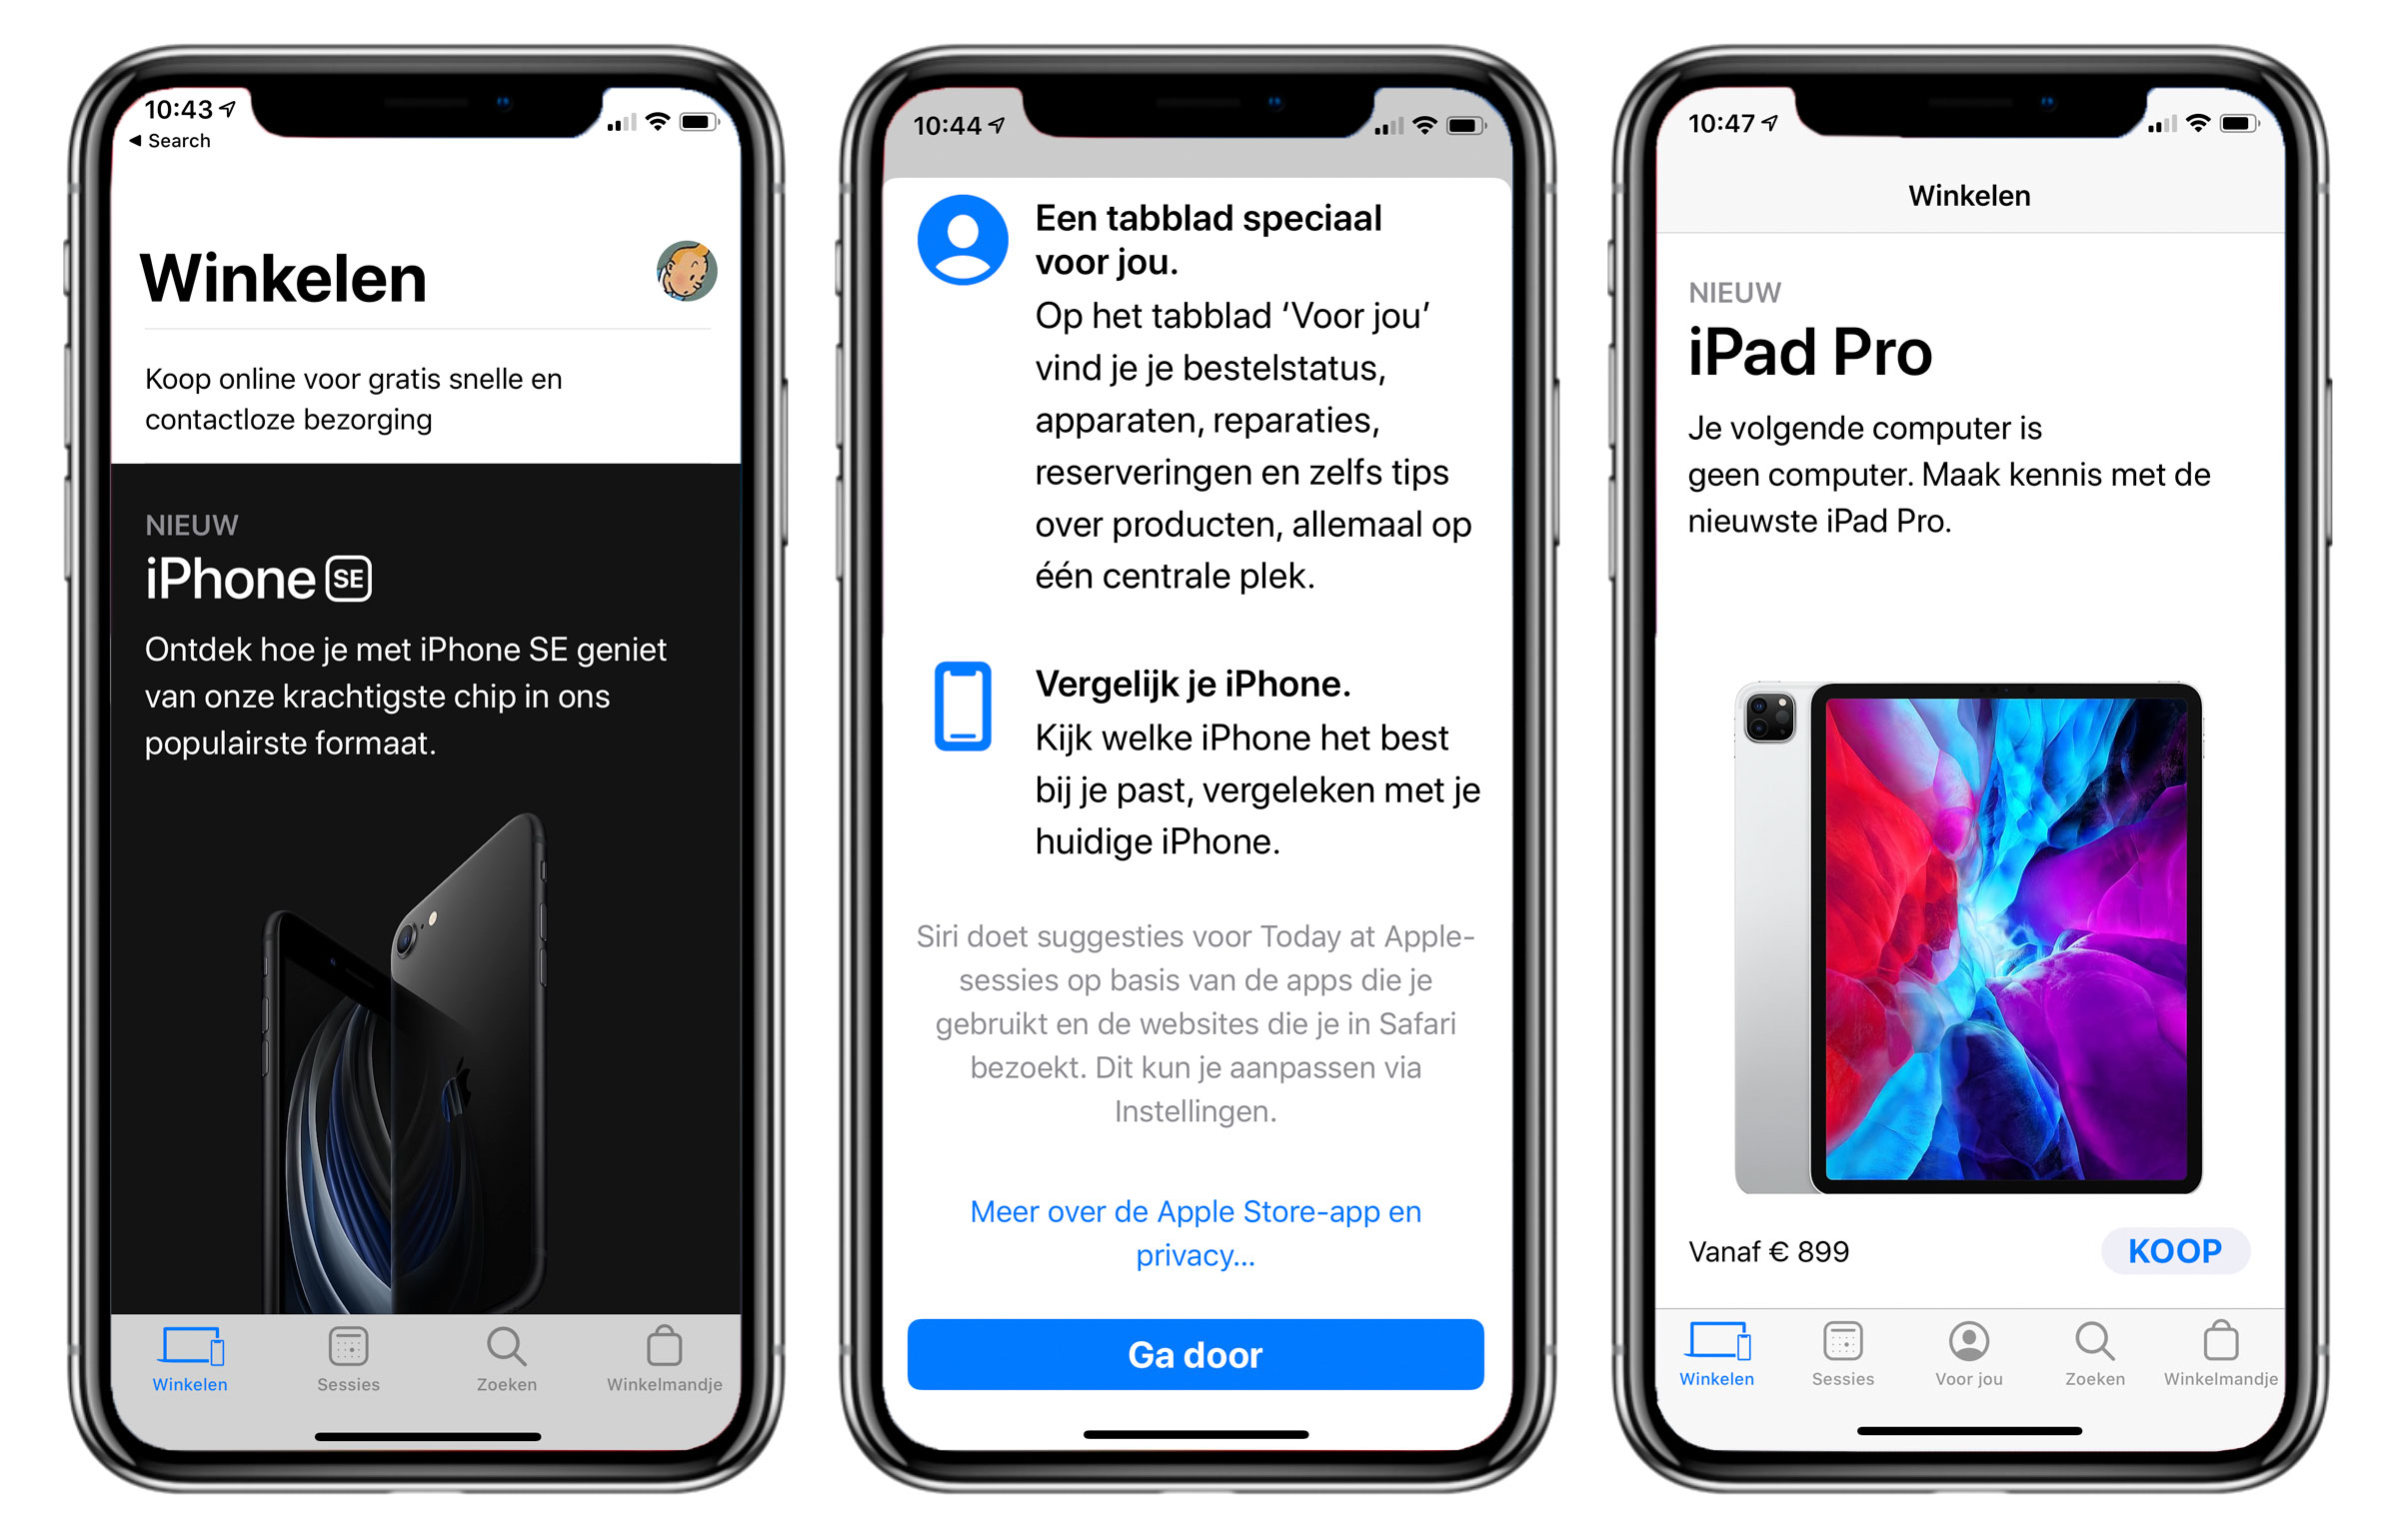 https://www.macfreak.nl/modules/news/images/zArt.AppleStoreApp5.9Update.jpg